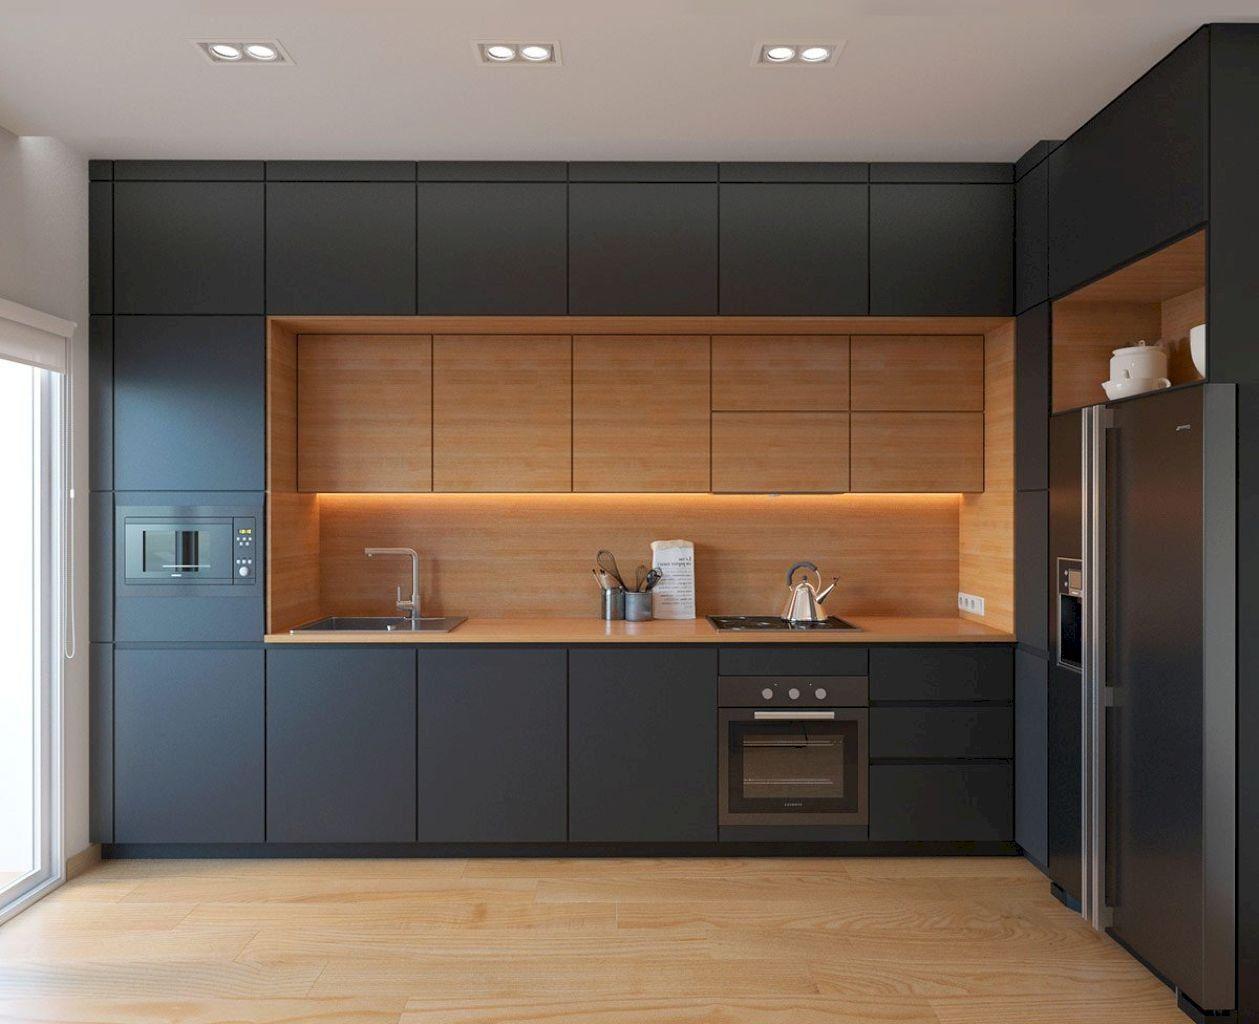 32 Modern Minimalist Kitchen Remodel Ideas